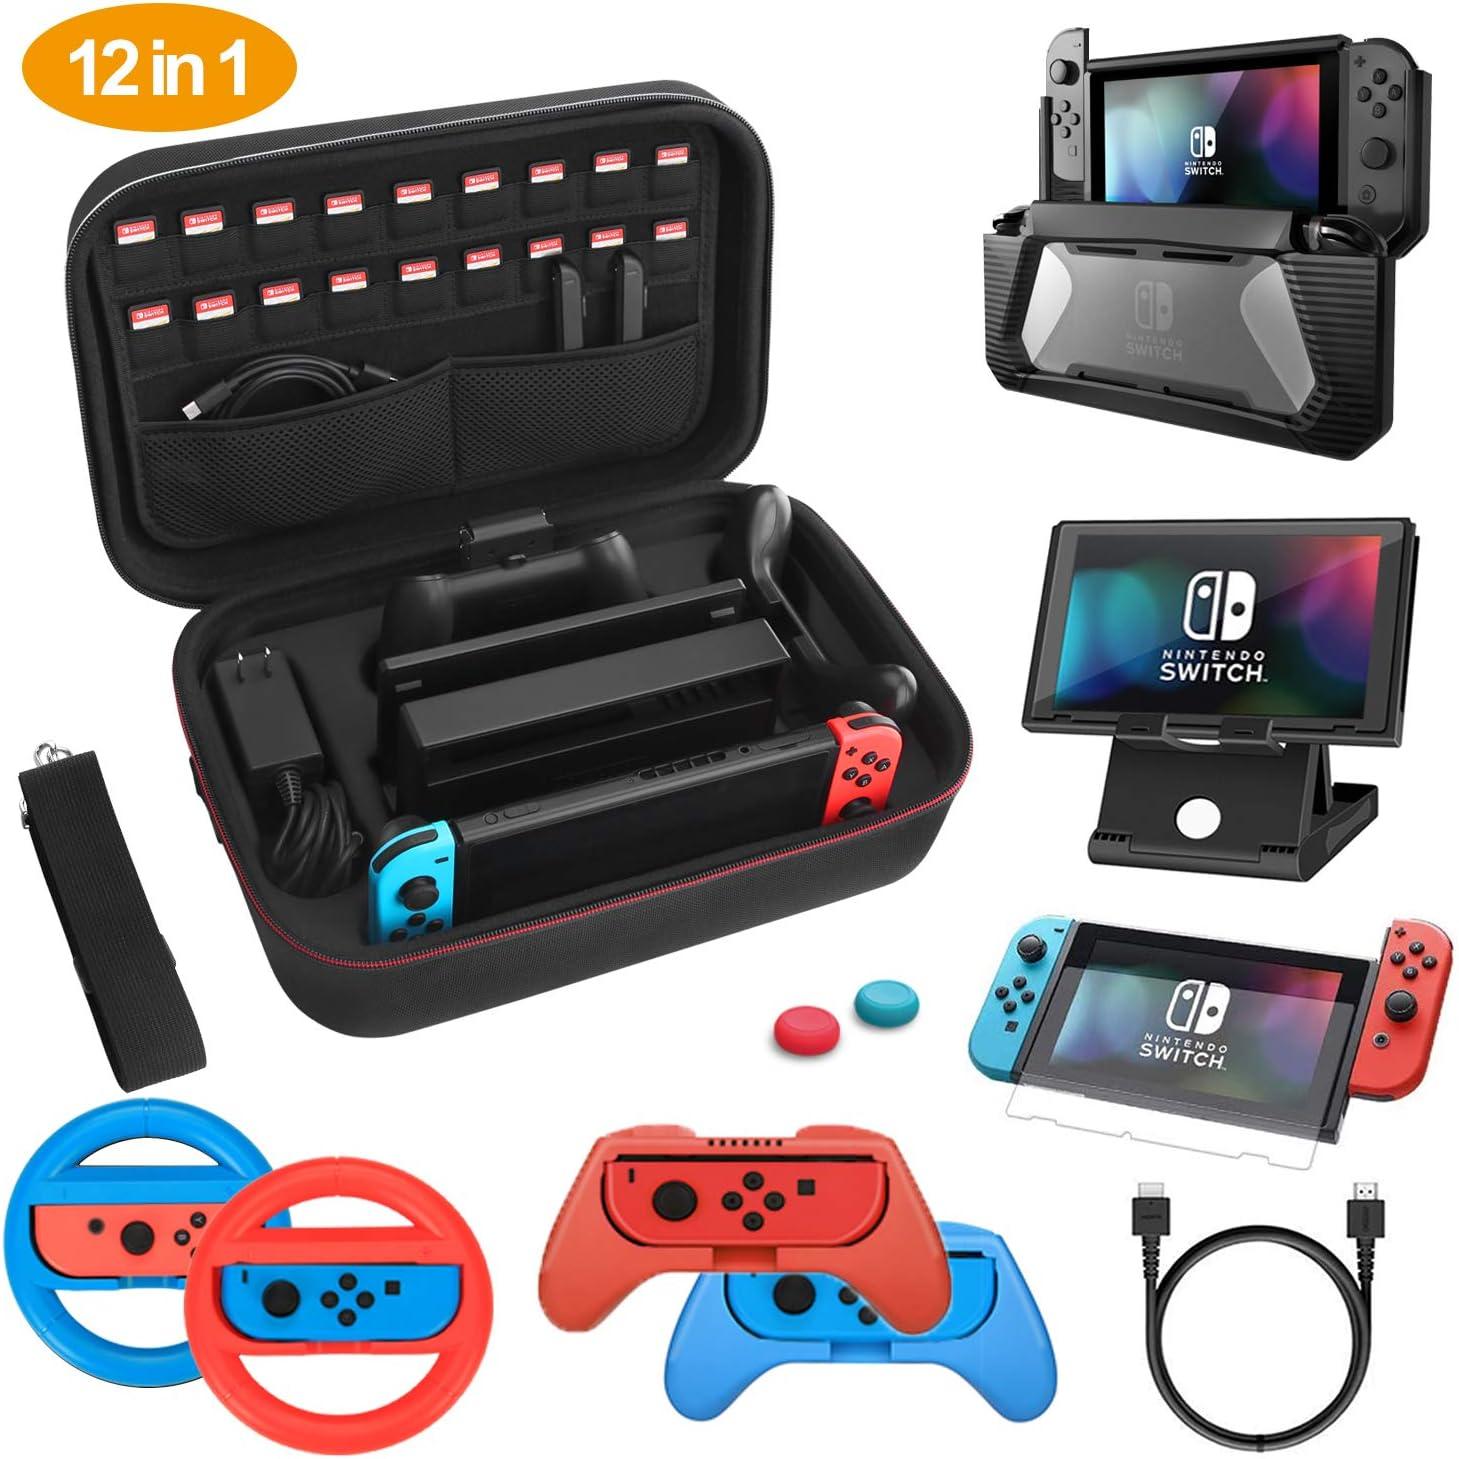 HEYSTOP Kit de Accesorios 12 en 1 para Nintendo Switch, con Funda de Transporte, TPU Cubierta Protectora, Joy-con Grip y Volante, Soporte,Protector de Pantalla, Apretones de Pulgar, Cable USB (Negro): Amazon.es: Electrónica